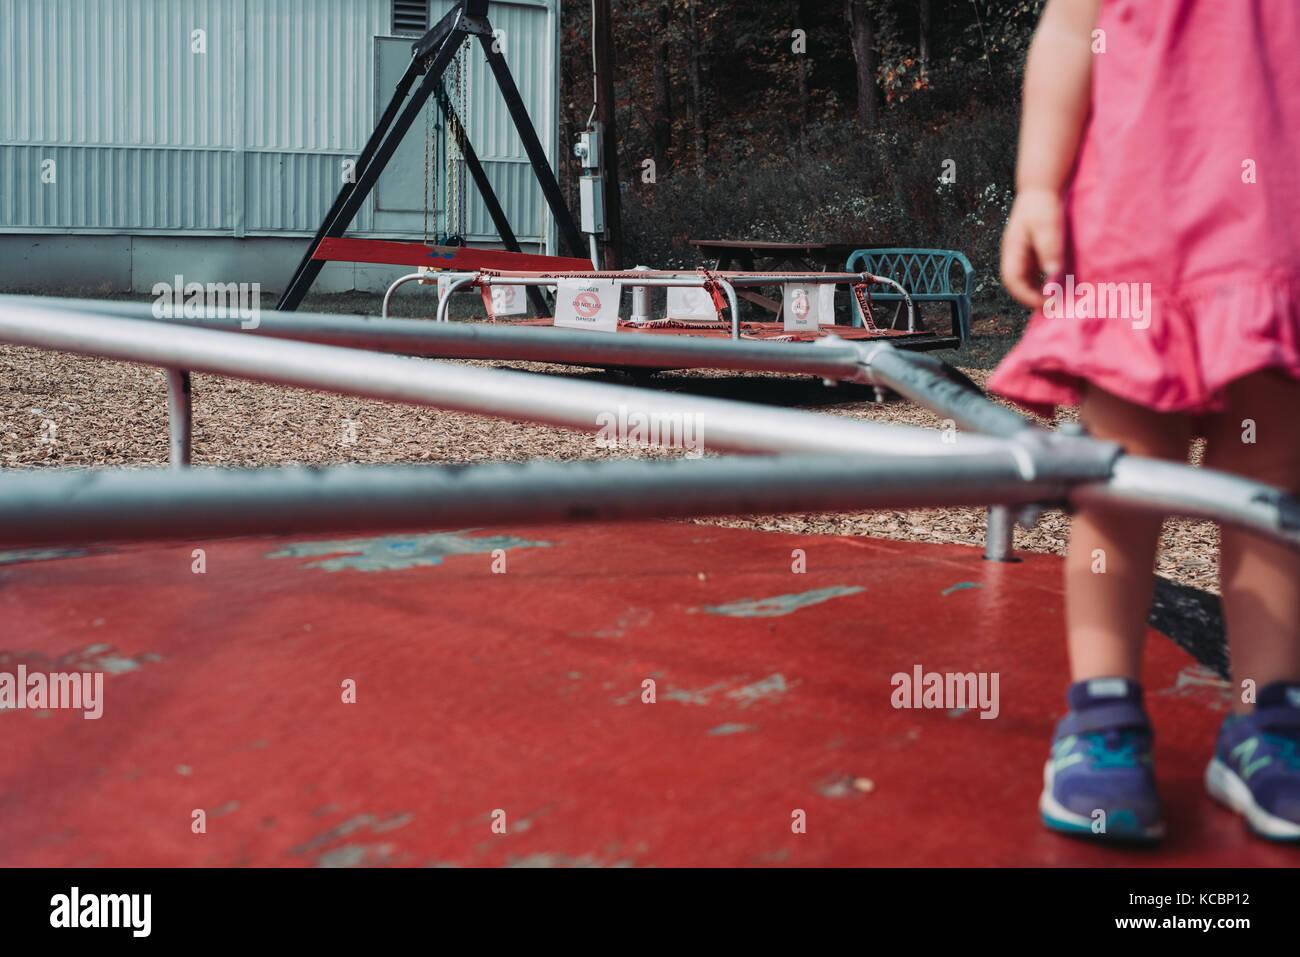 Un bambino si erge su un Merry Go Round su un reddito basso parco giochi Immagini Stock